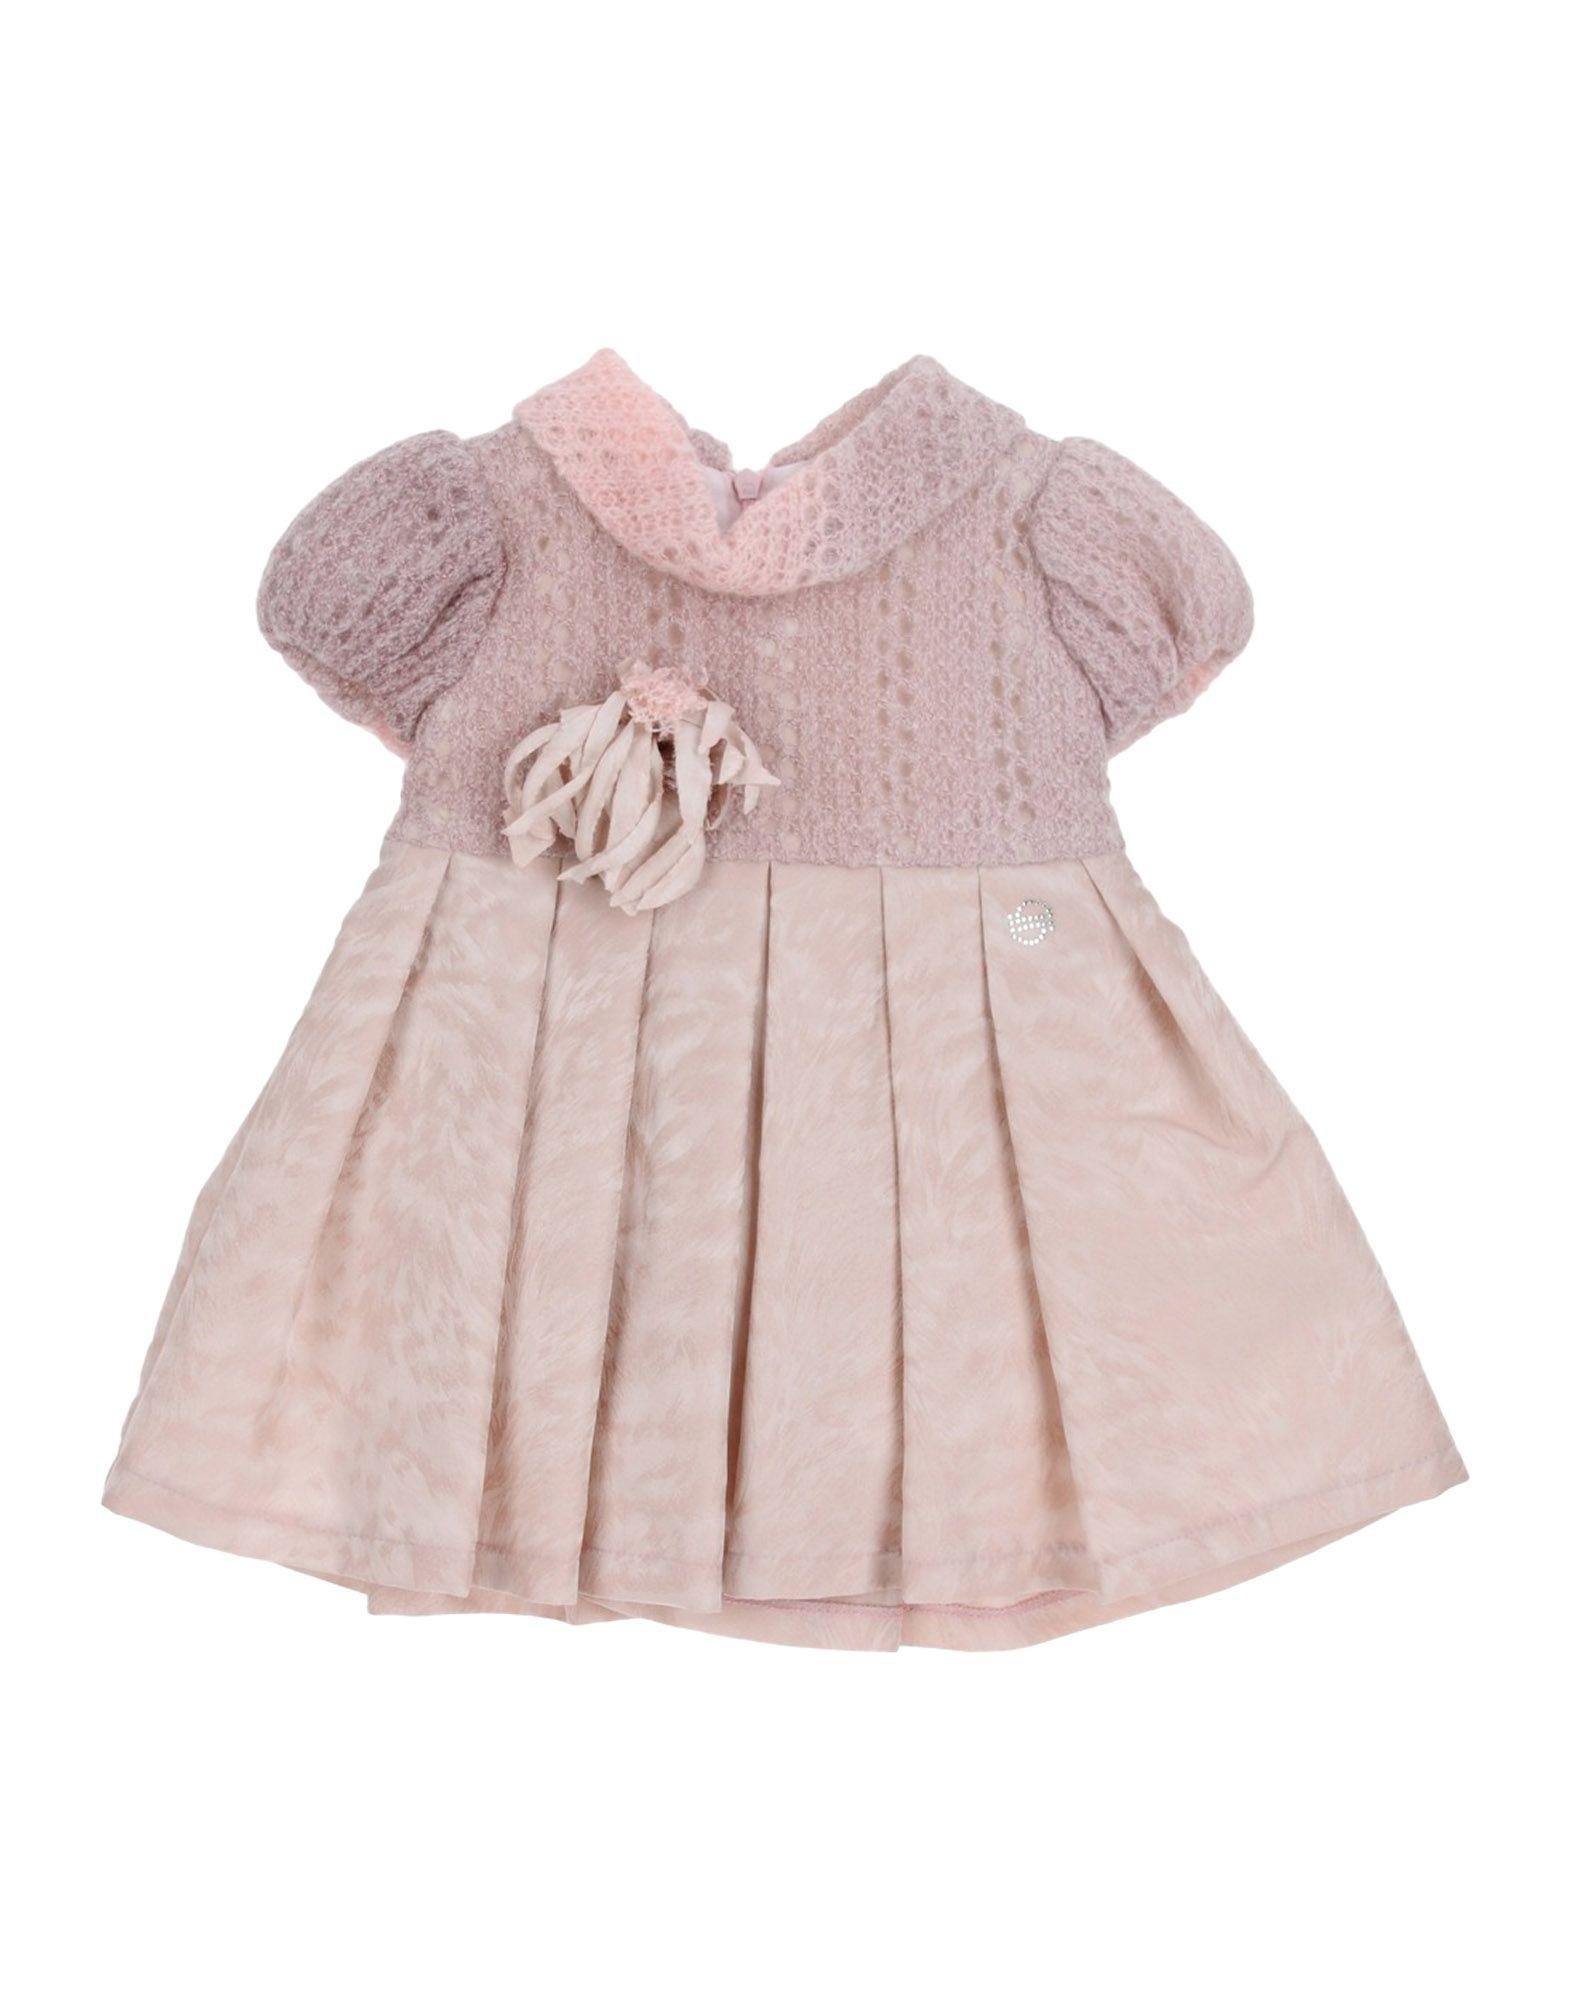 BYBLOS BOYS & GIRLS Платье платье для девочки bj8673 разноцветный byblos